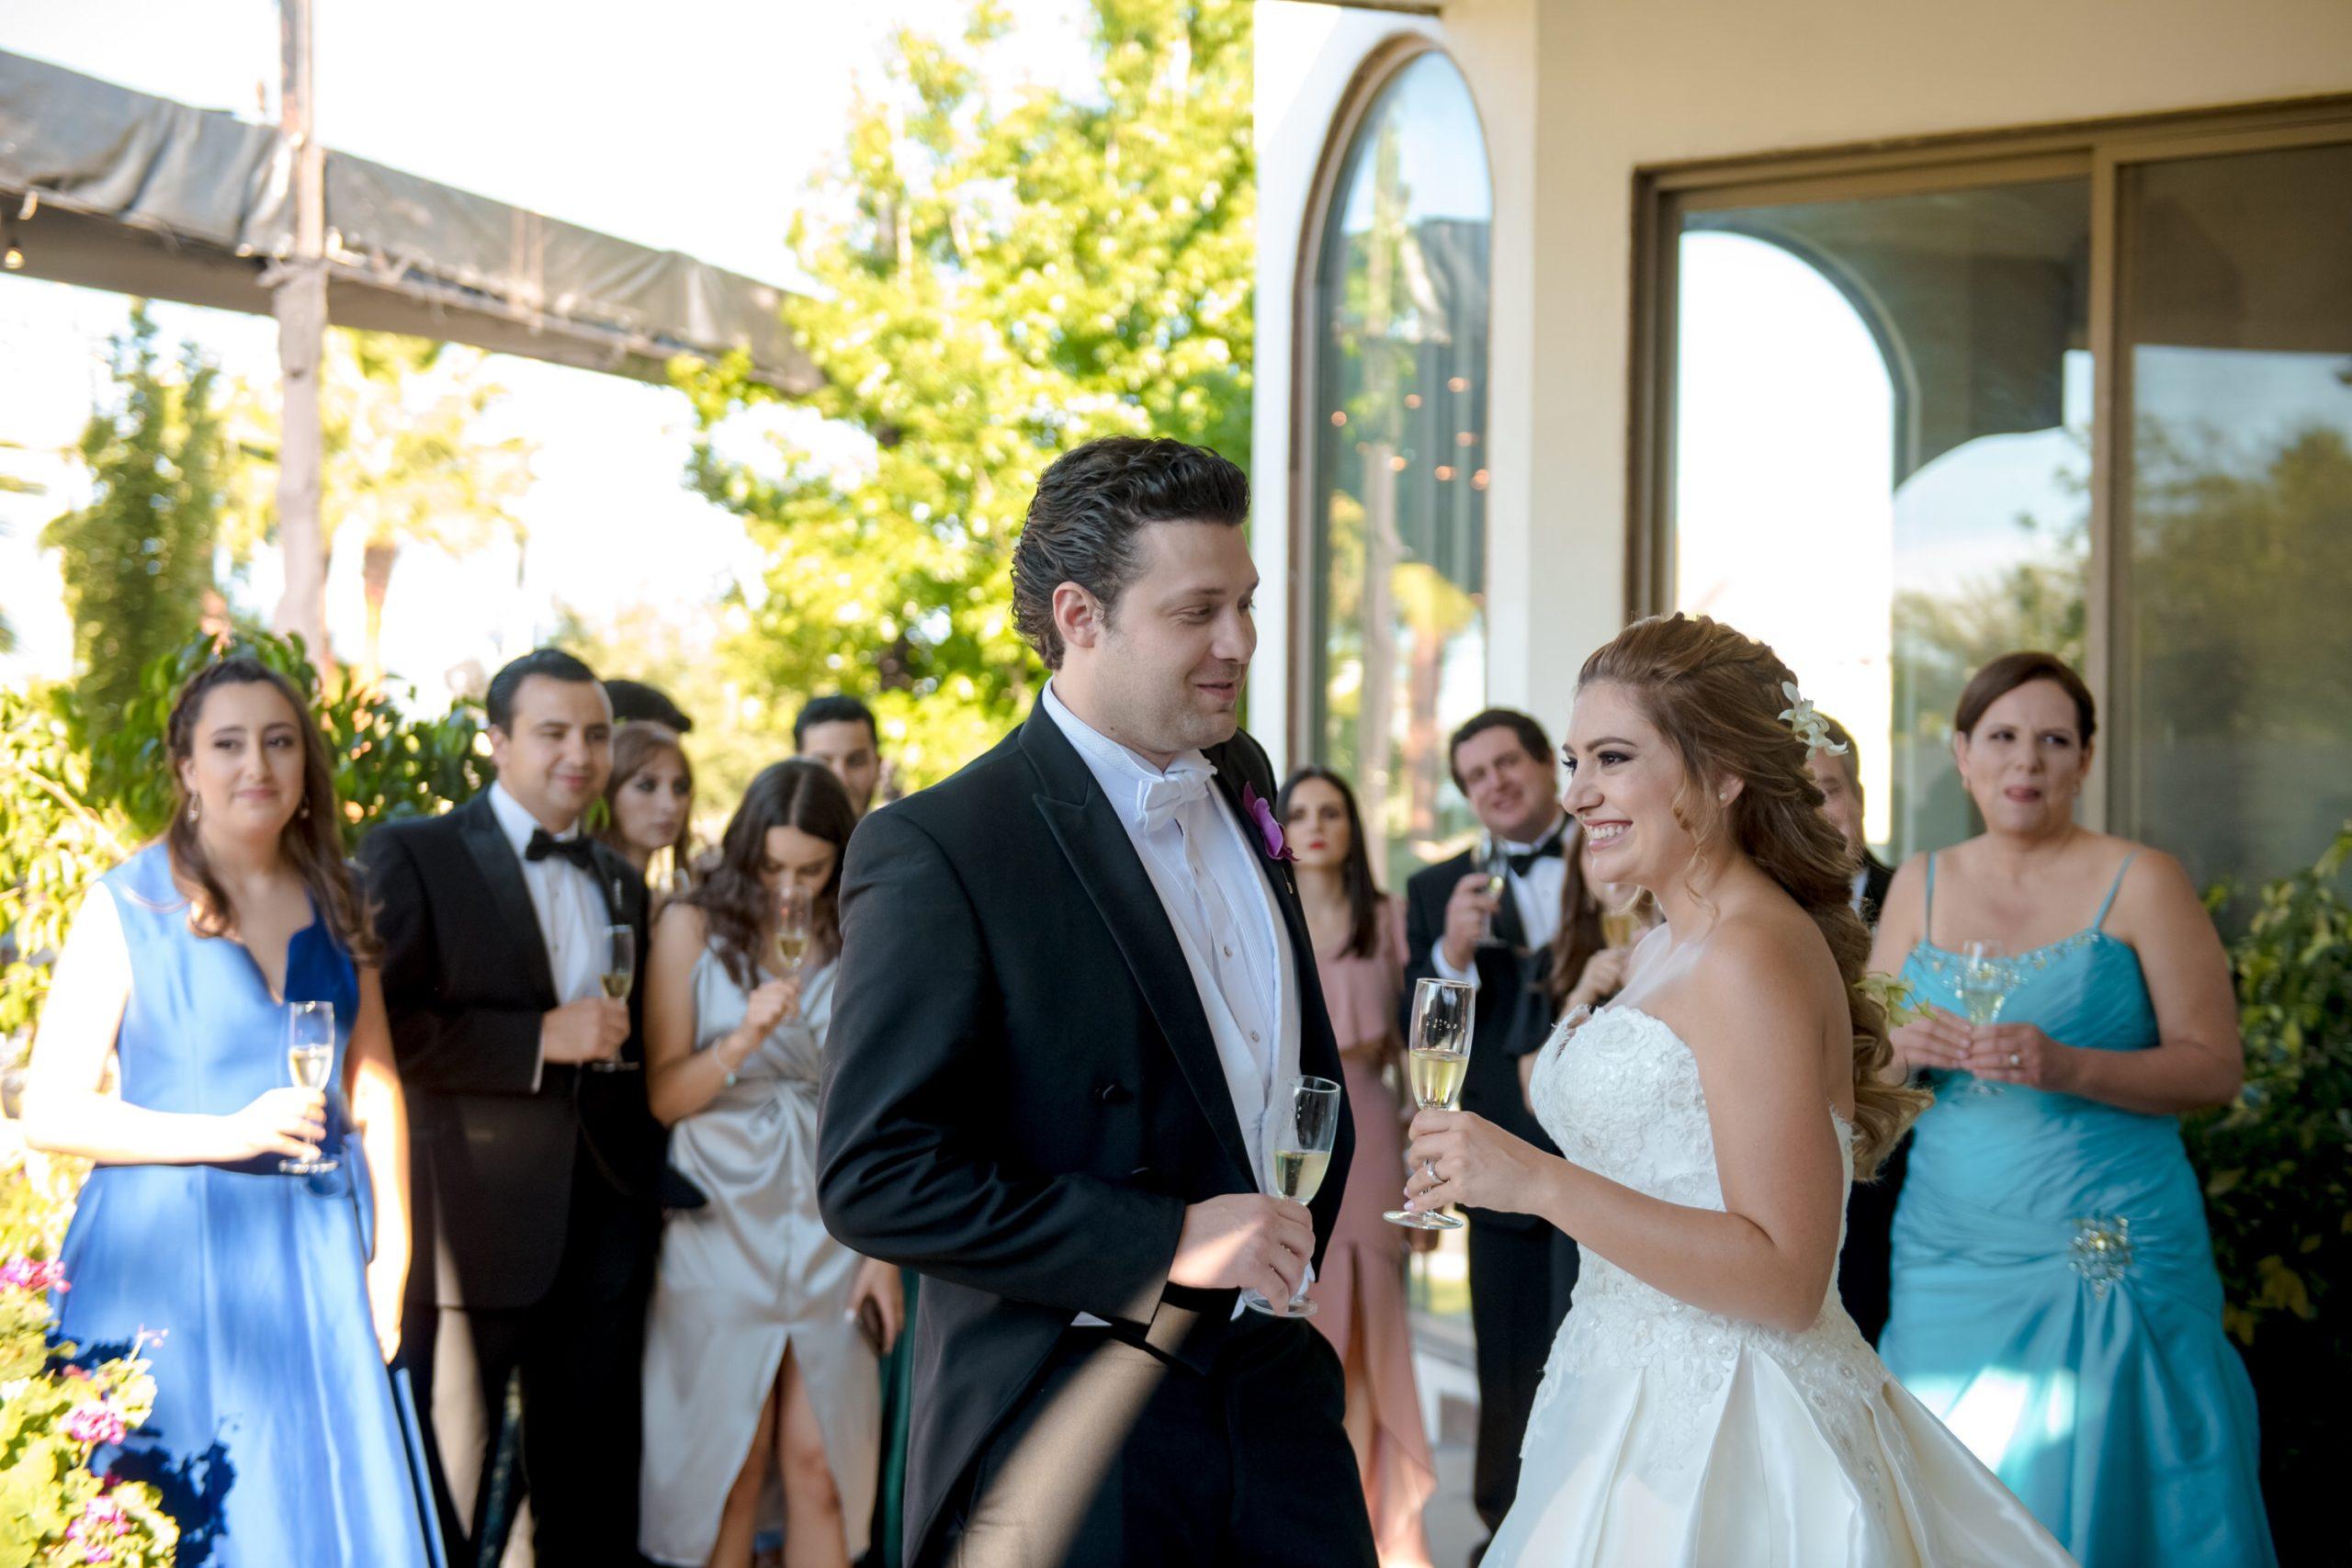 La novia y los invitados